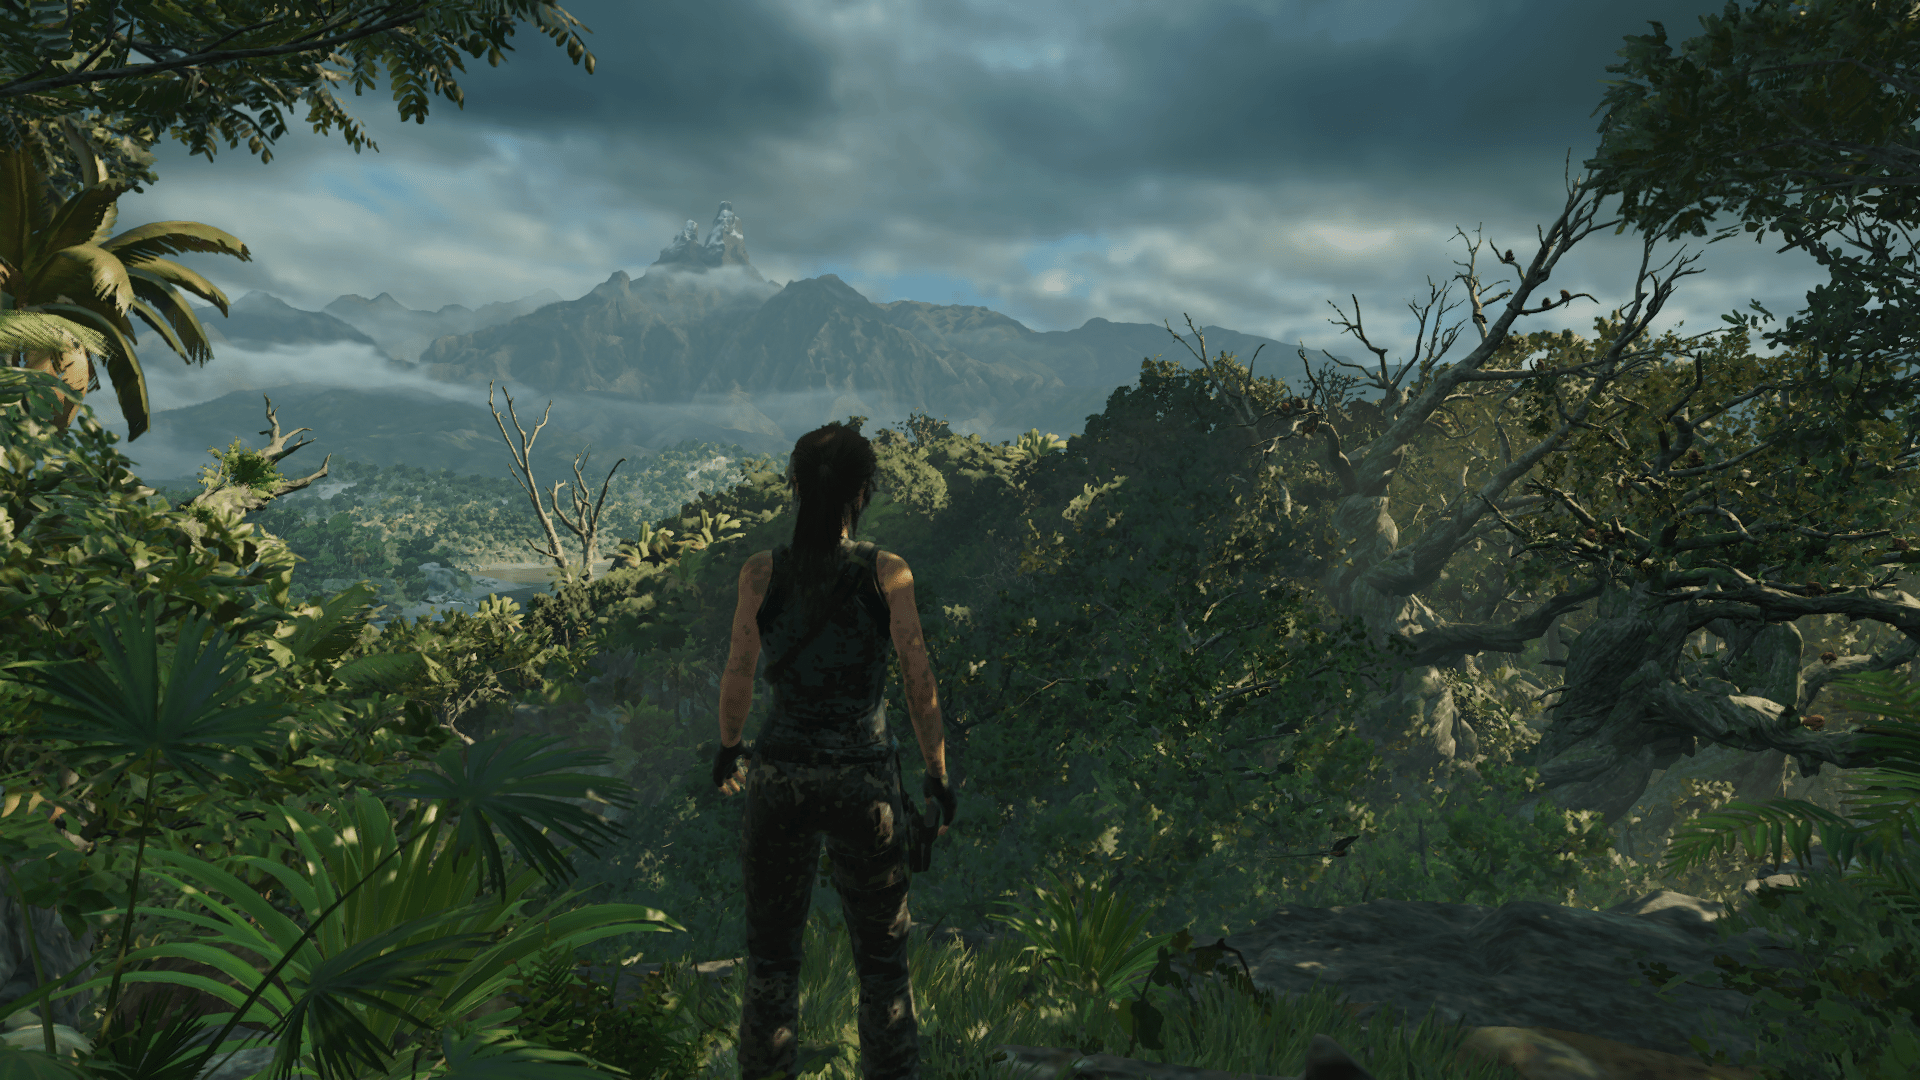 basso2 1 - Shadow of The Tomb Raider - Recensione come gira su PC